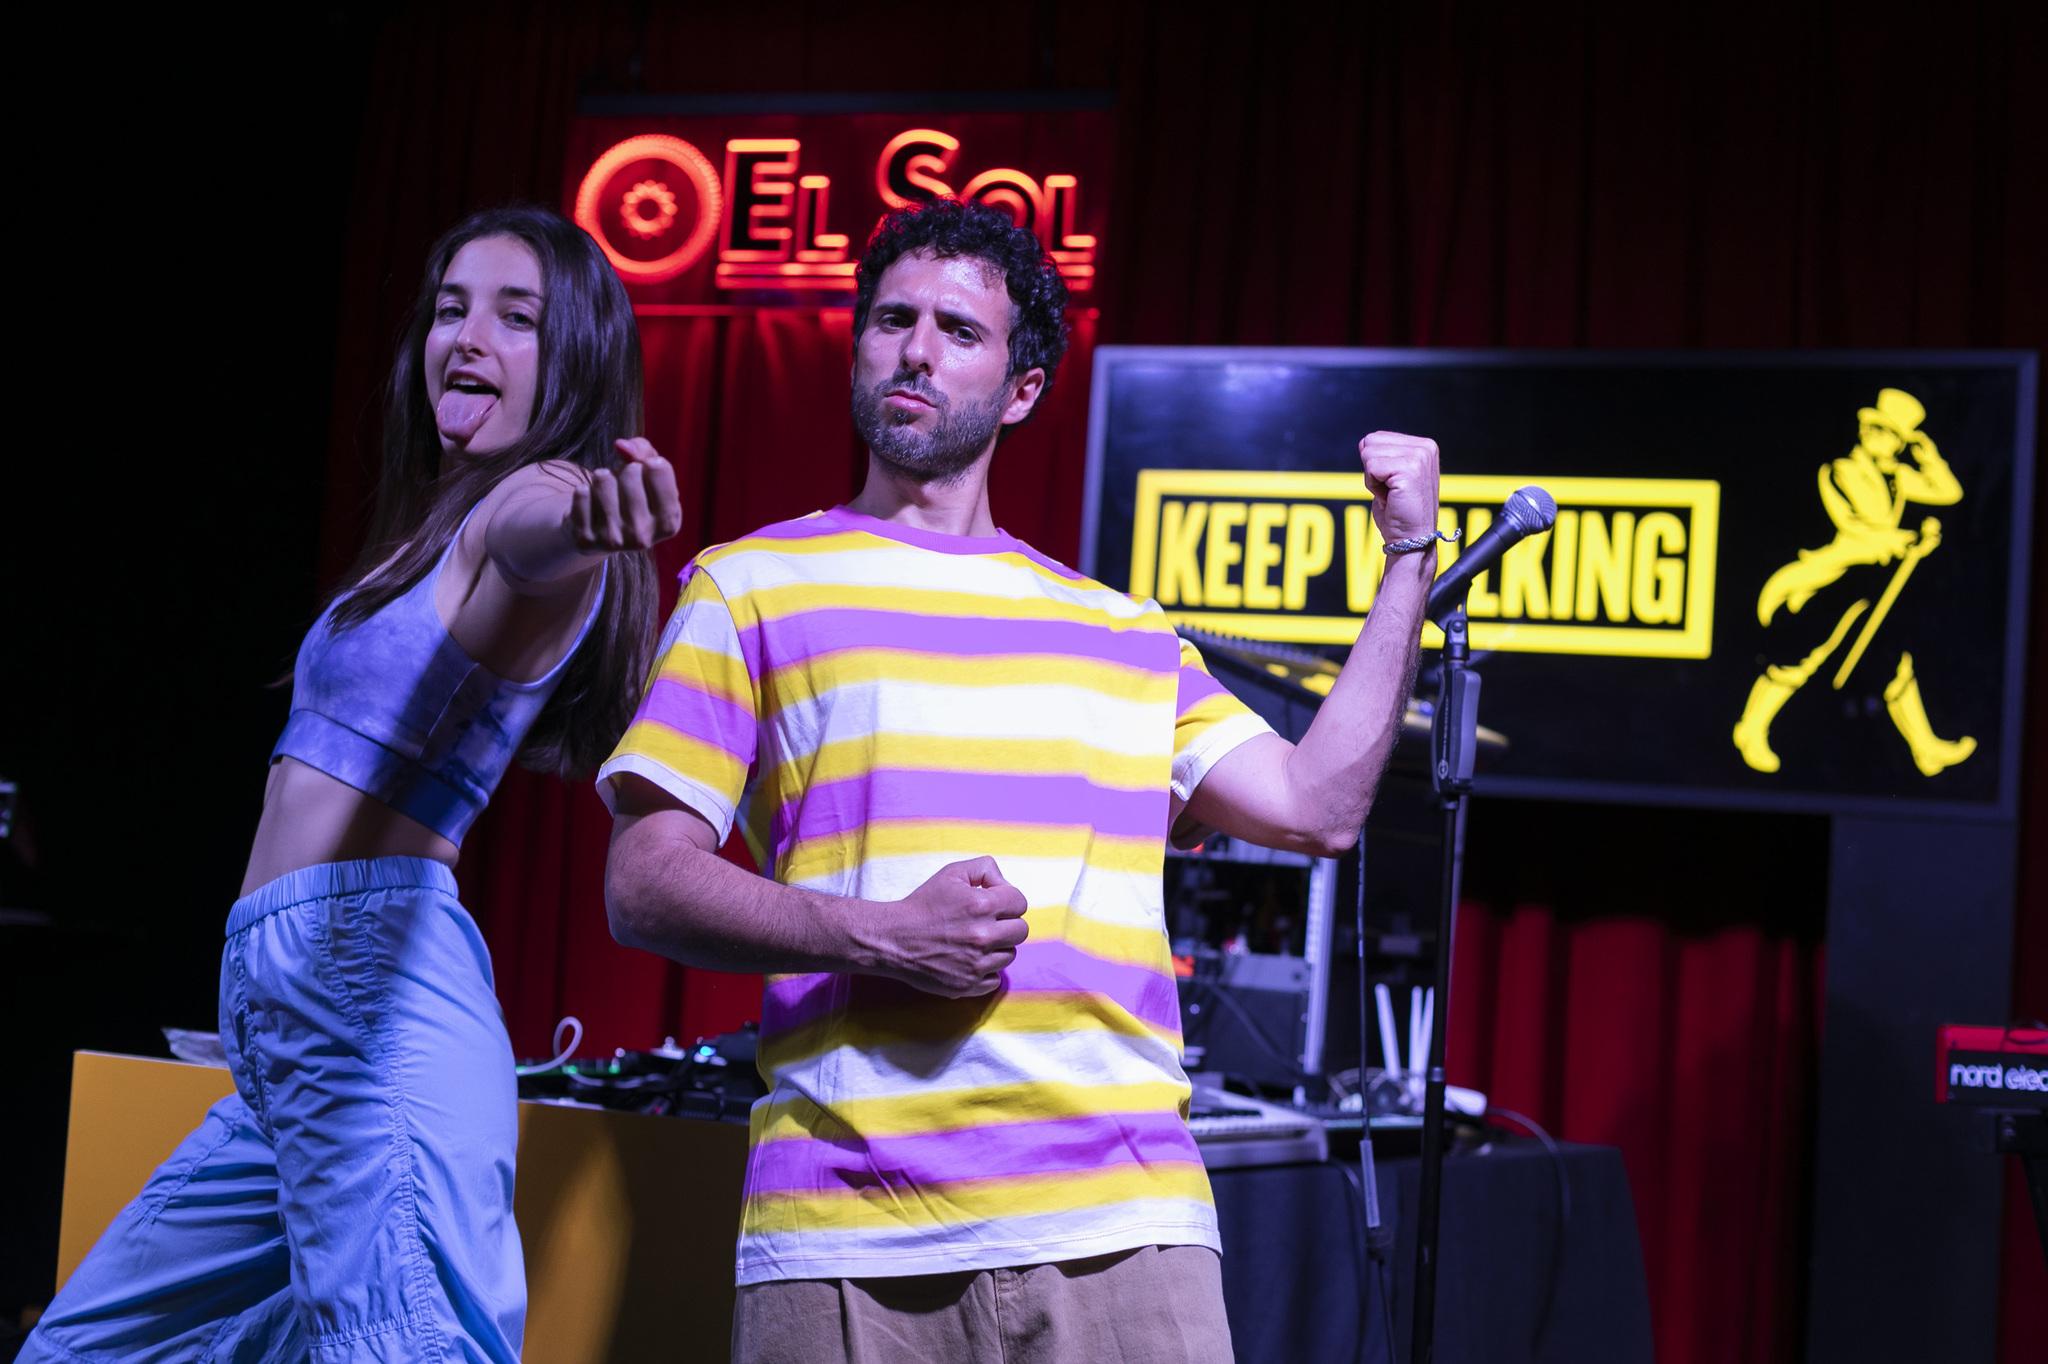 Sandra Delaporte y Sergio Salvi en el concierto de la Sala El Sol gracias a la iniciativa Keep Walking Together de Johnnie Walker.